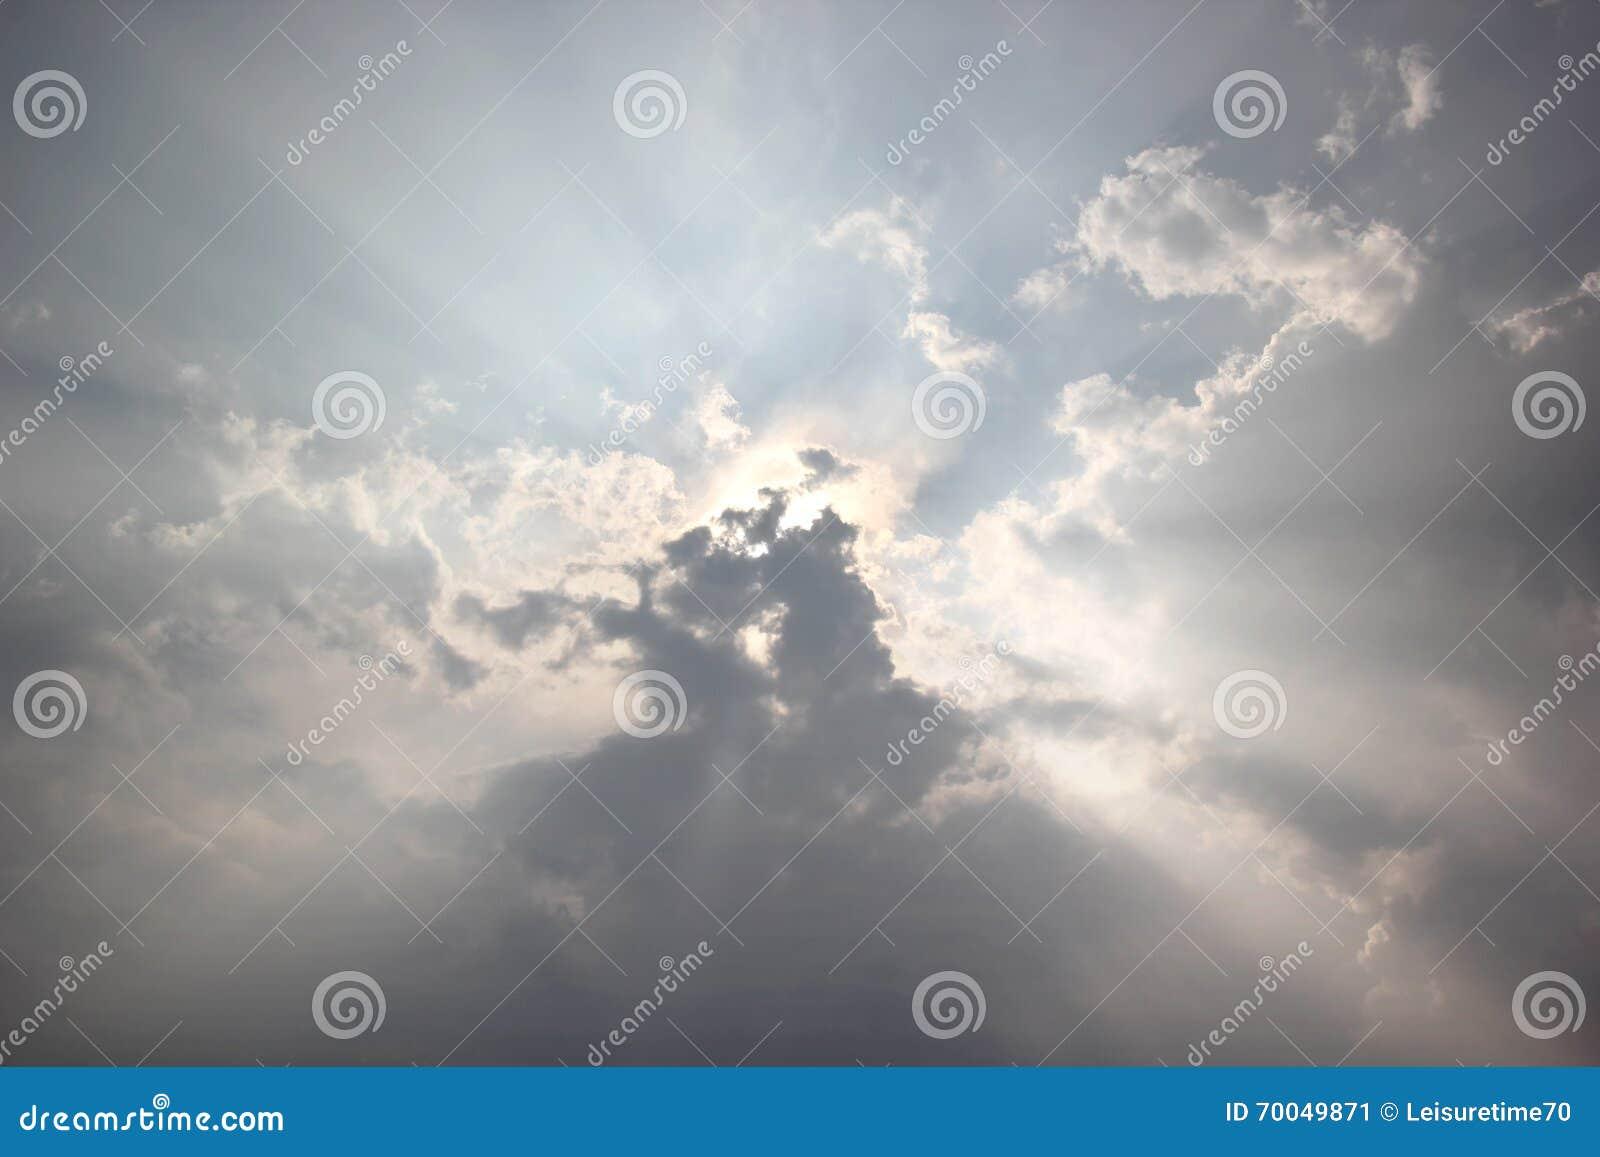 Sunbeam on blue sky